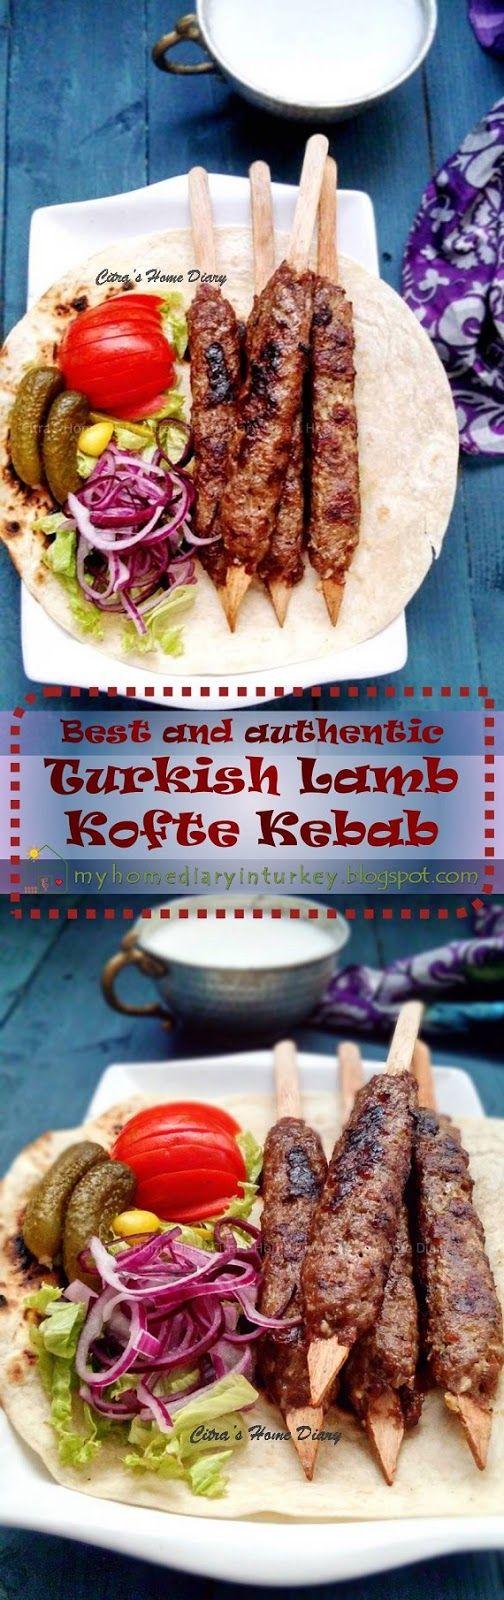 Köfte Kebabı / Turkish lamb Kofta (meatball) Kebab, authentic and best recipe. Köfte or Kofta is definitely everyone's number one favorite here. As kebab, köfte is like staple and almost everyday meal for local. Men women adult to toddler. And just like kebab, köfte has many variant base on meat used and its origin. | Çitra's Home Diary. #kofte #lambkofta #lambkebab #turkishfood #resepkoftekhasturki #meatball #midleeast #grilled #groundmeat #resepkhasturki